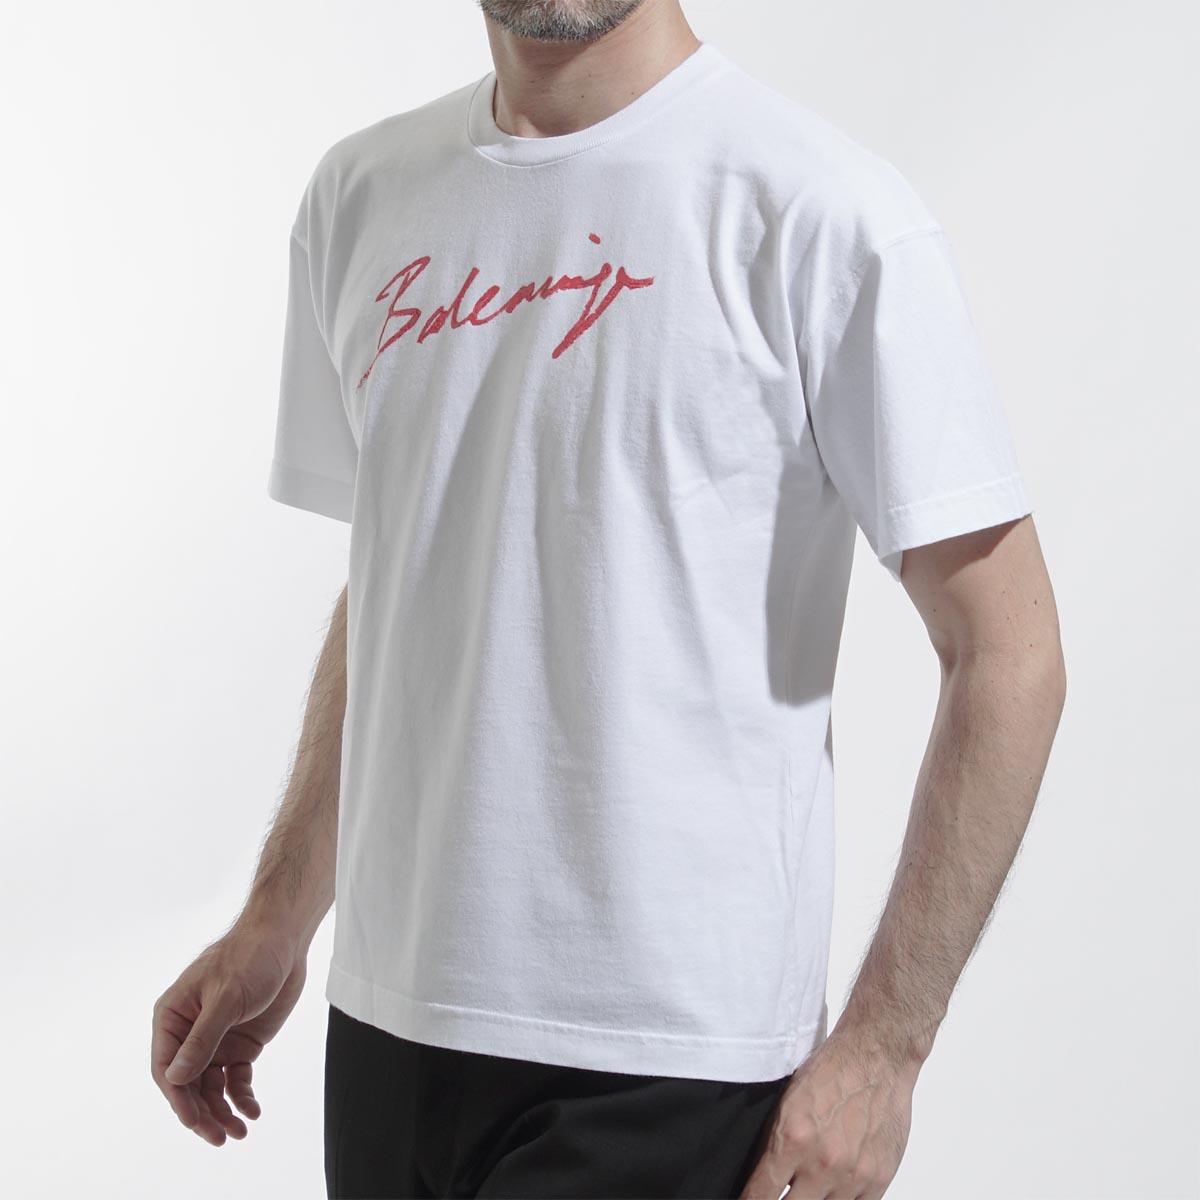 トップス, Tシャツ・カットソー  BALENCIAGA T 583212 tfv63 9783 SIGNATURE T-SHIRT NOMAL FIT190626